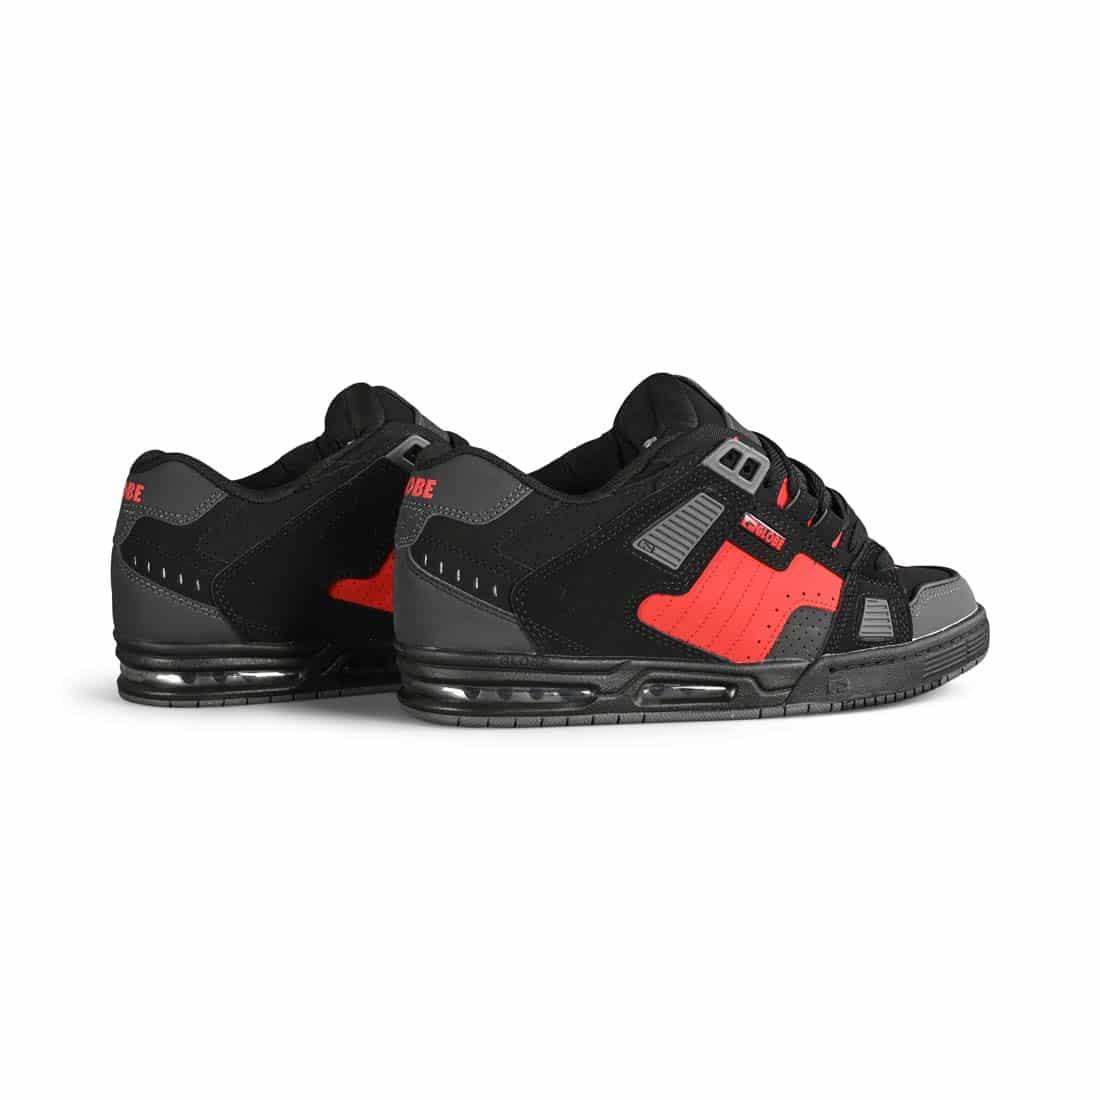 Globe Sabre Skate Shoes - Black / Red